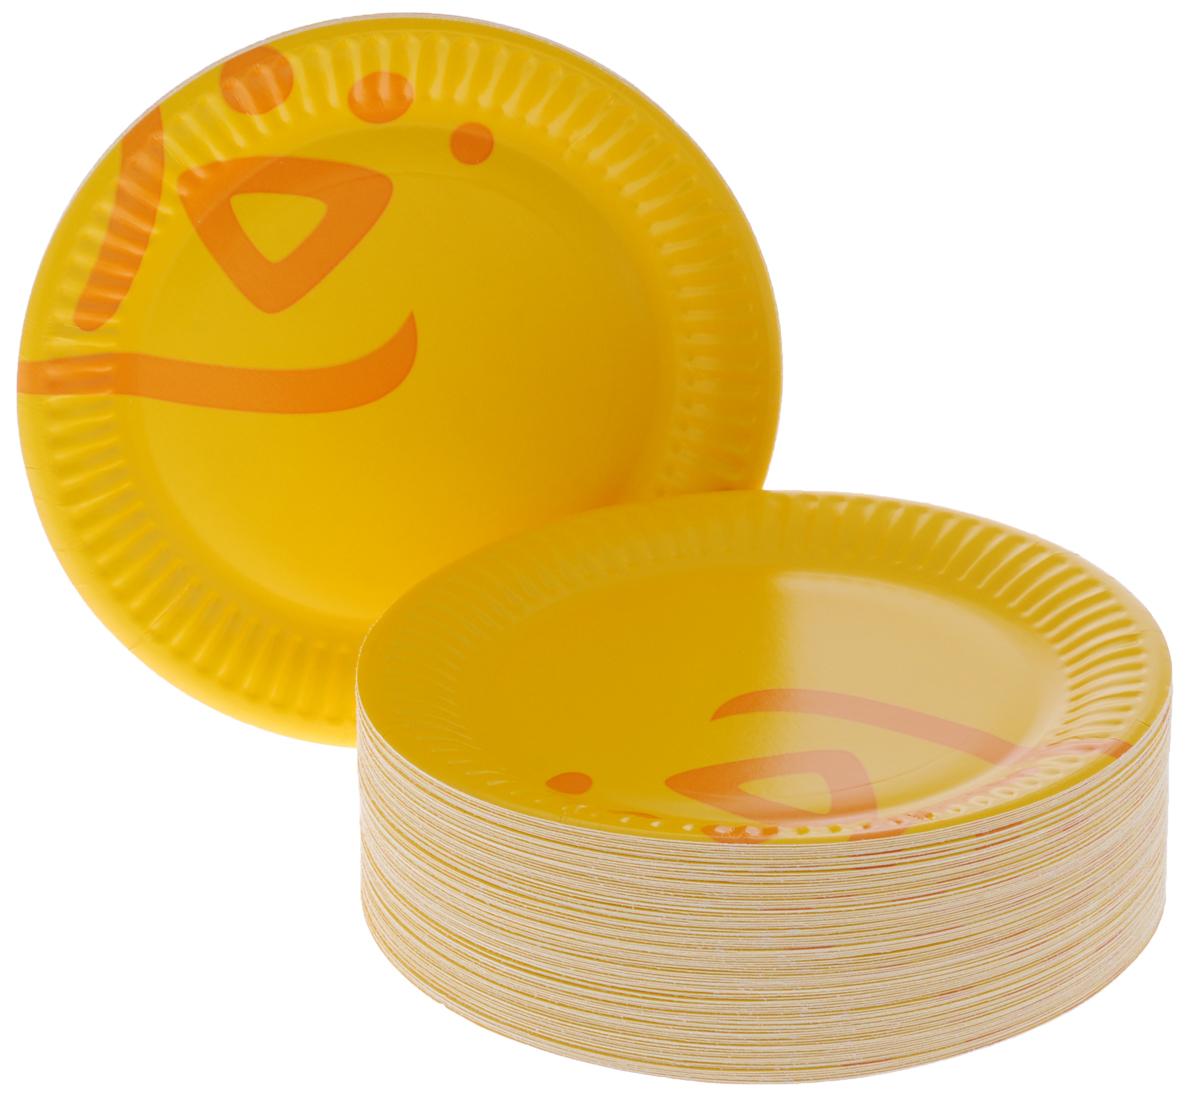 Набор одноразовых тарелок Huhtamaki Whizz, цвет: оранжевый, диаметр 15 см, 100 штПОС06122Набор Huhtamaki Whizz состоит из 100 круглых тарелок, выполненных из плотной бумаги и предназначенных для одноразового использования. Изделия декорированы оригинальным узором. Одноразовые тарелки будут незаменимы при поездках на природу, пикниках и других мероприятиях. Они не займут много места, легки и самое главное - после использования их не надо мыть.Диаметр тарелки (по верхнему краю): 15 см.